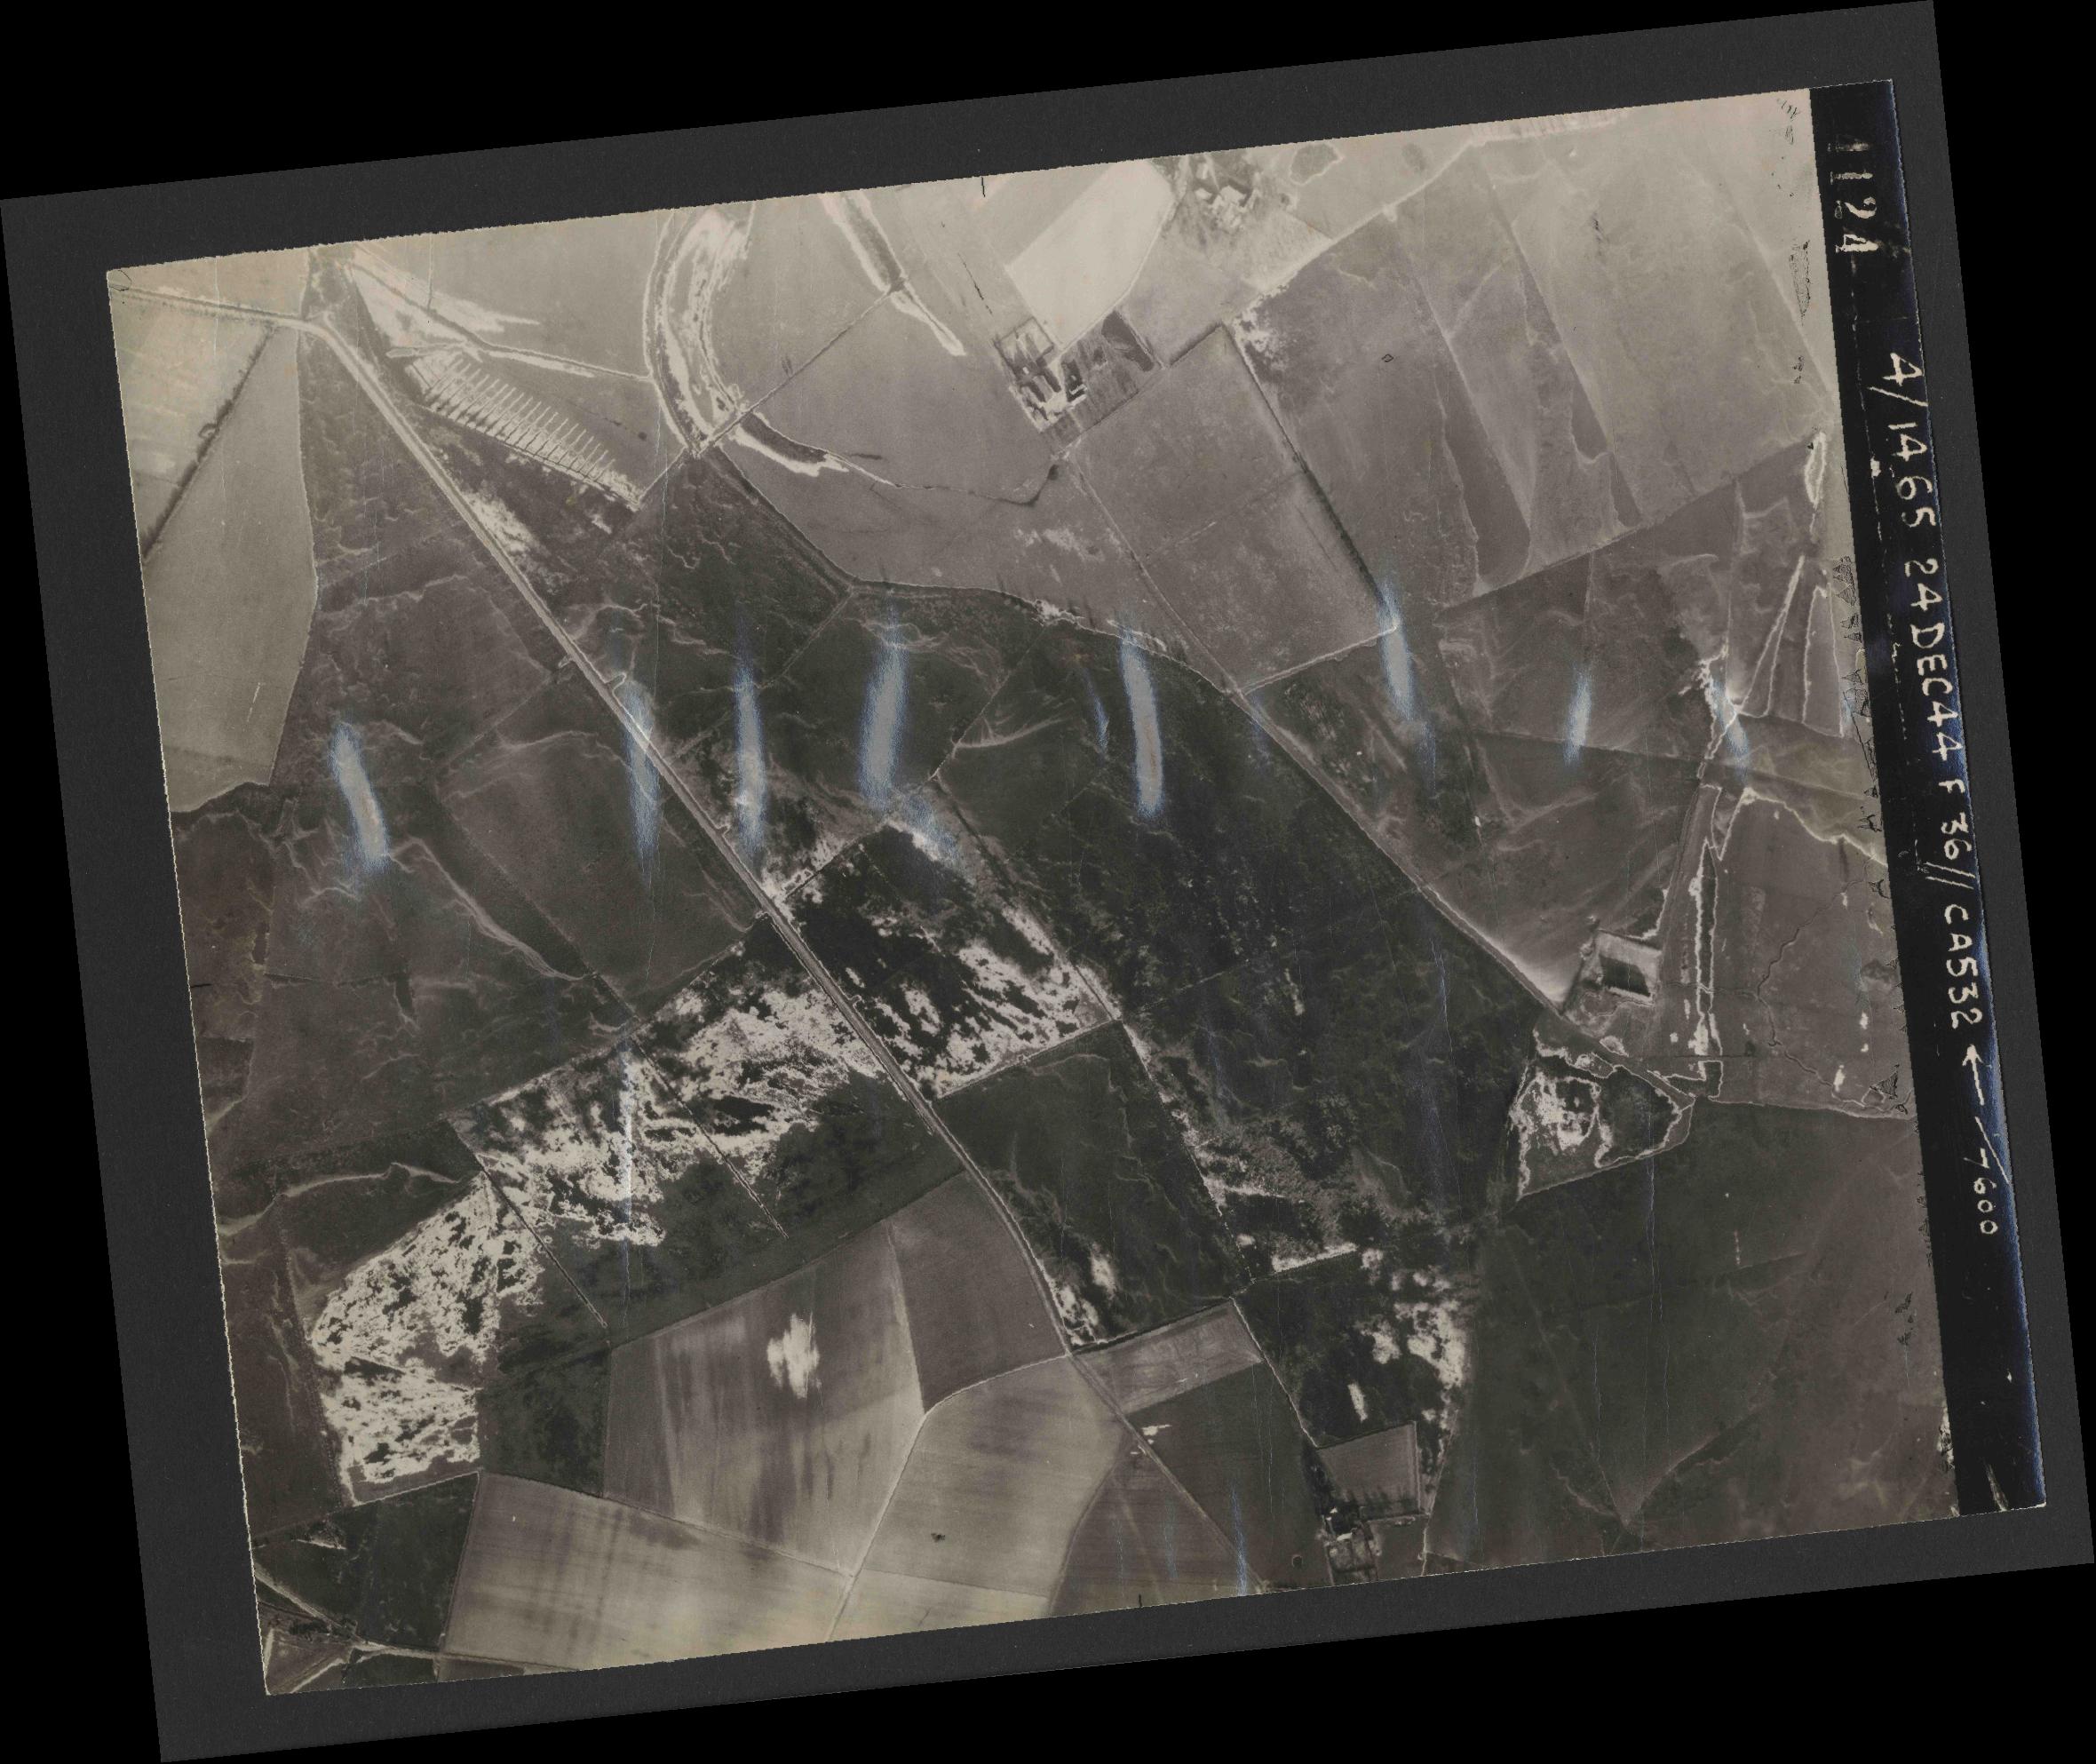 Collection RAF aerial photos 1940-1945 - flight 304, run 02, photo 4124